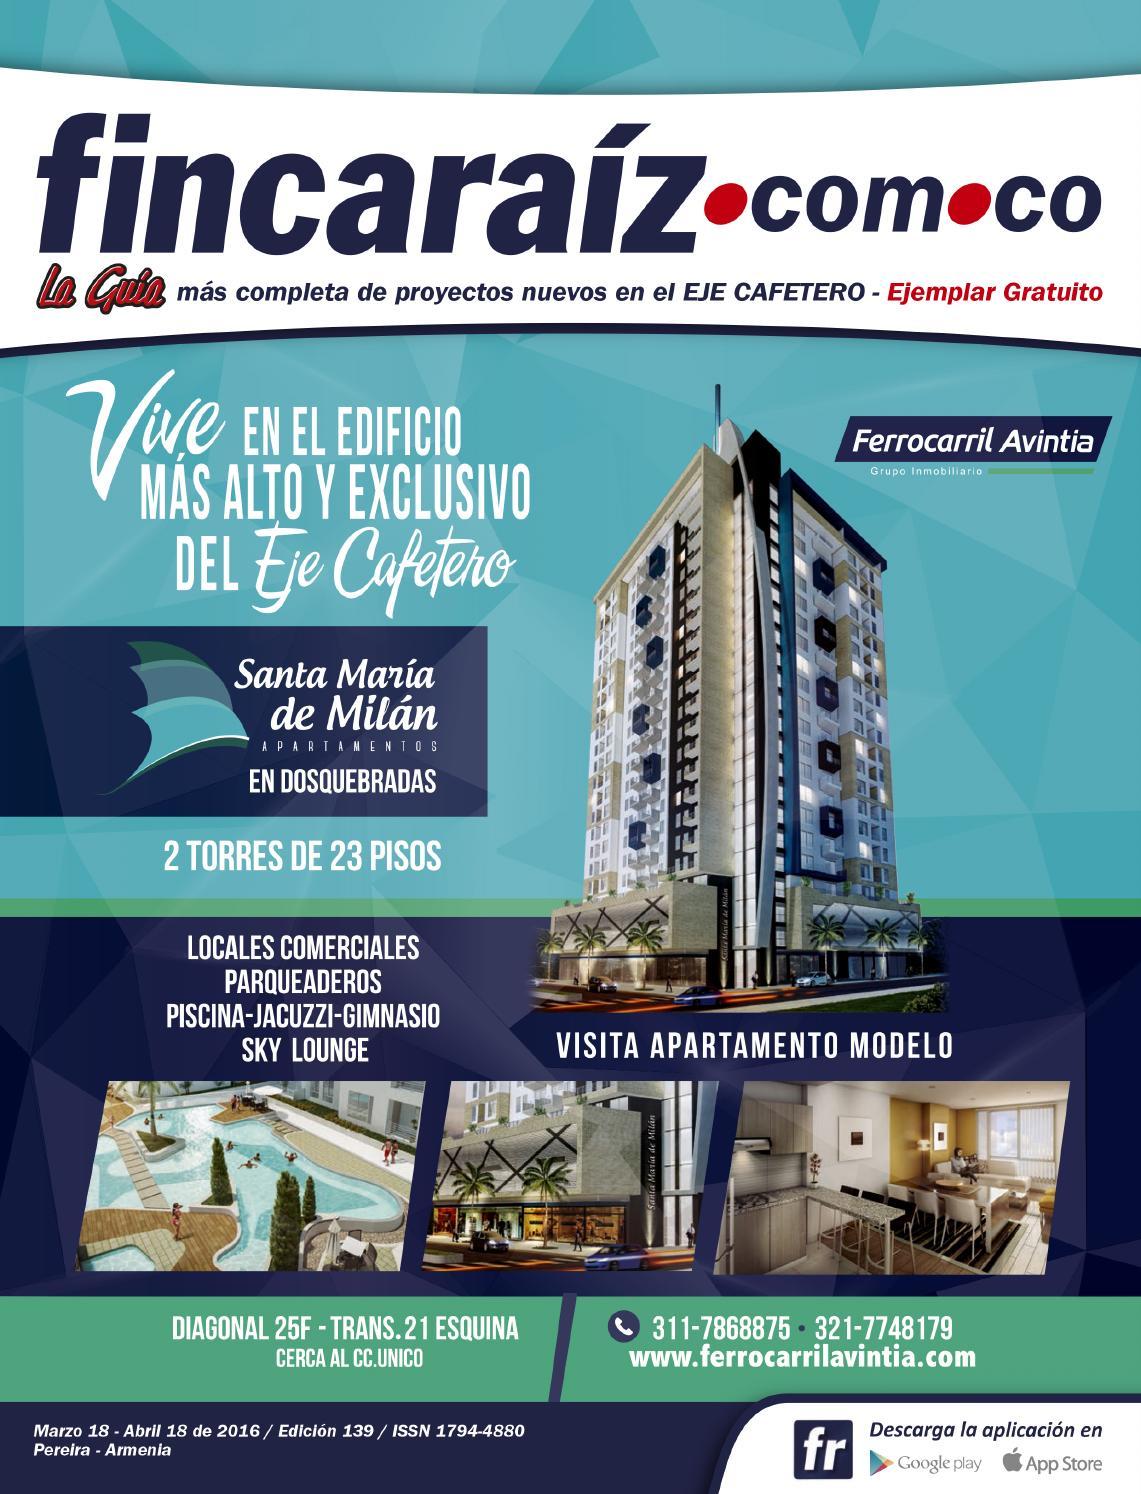 Fincara Z Com Co Eje Cafetero 159 By Revista Fincara Z Com Co Issuu # Muebles Bovel Ltda